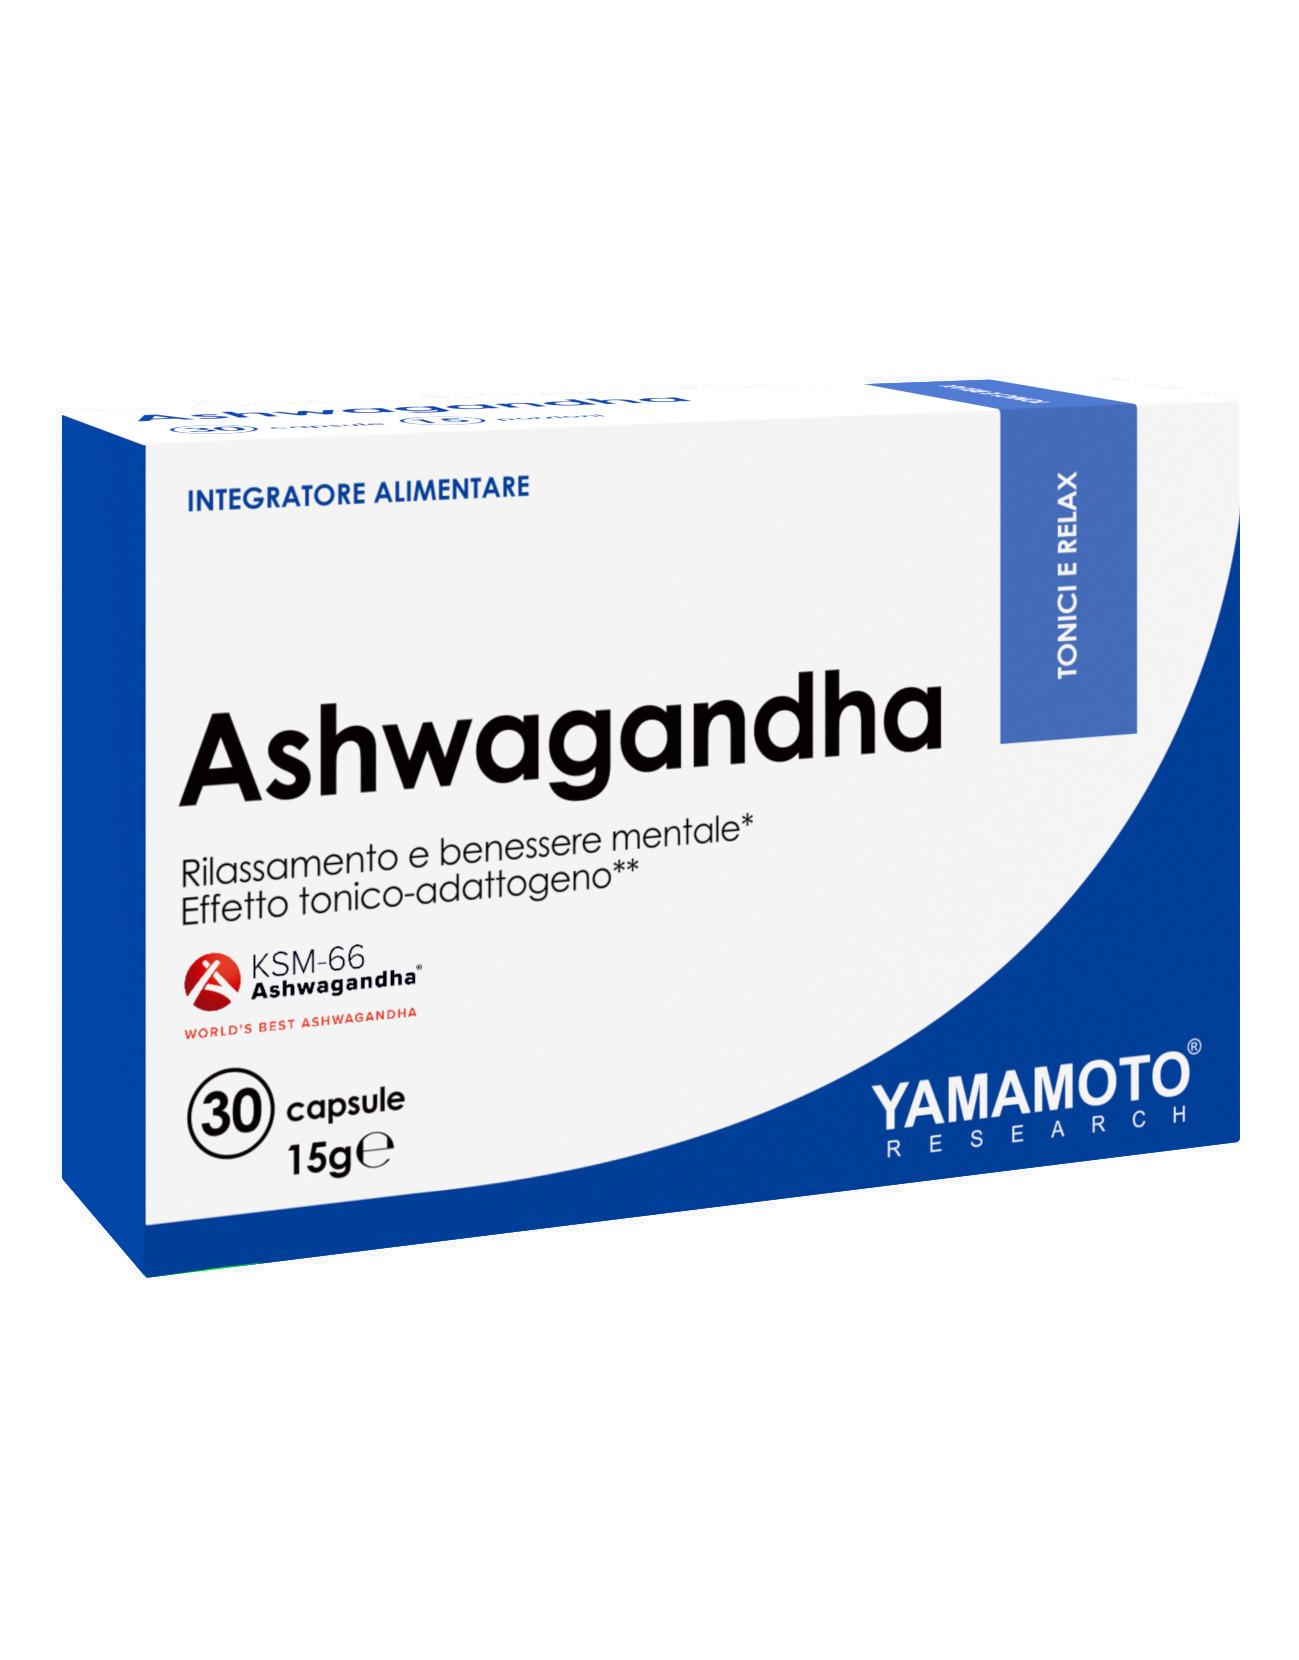 Ashwagandha 30 capsules